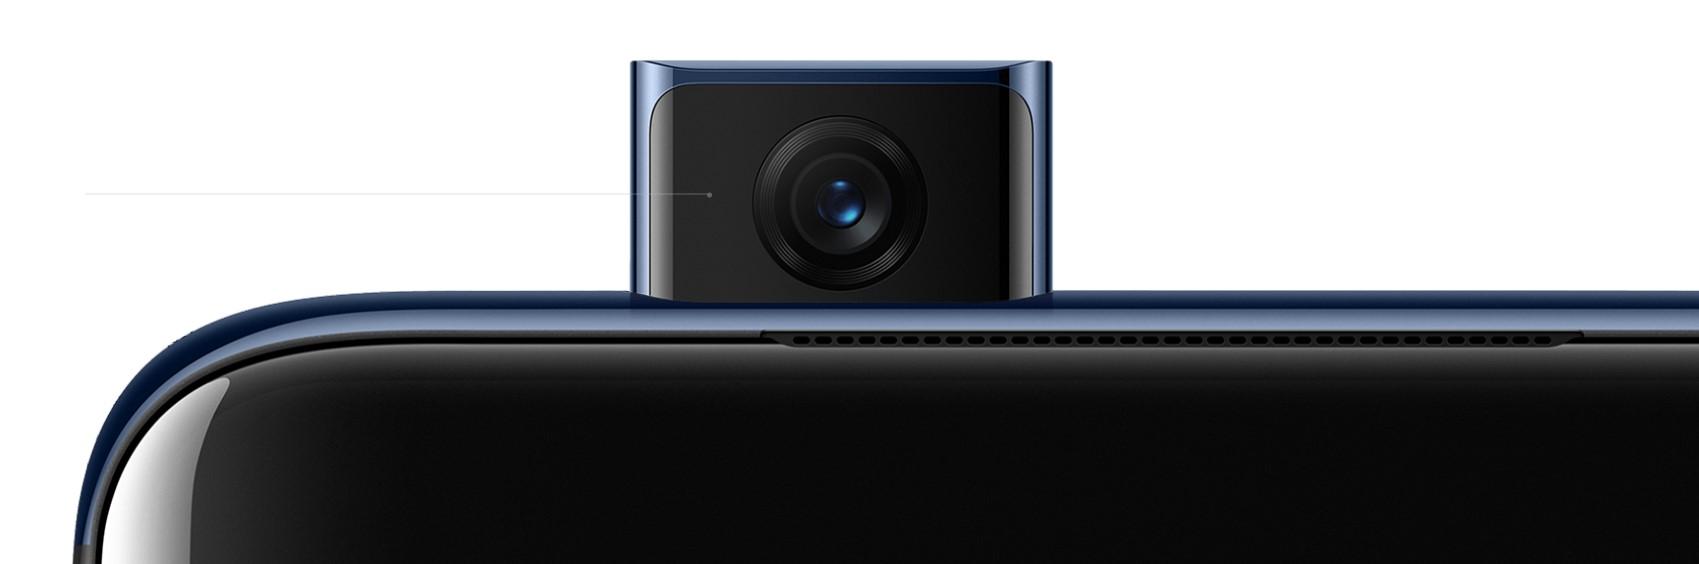 OnePlus 7 Pro popup